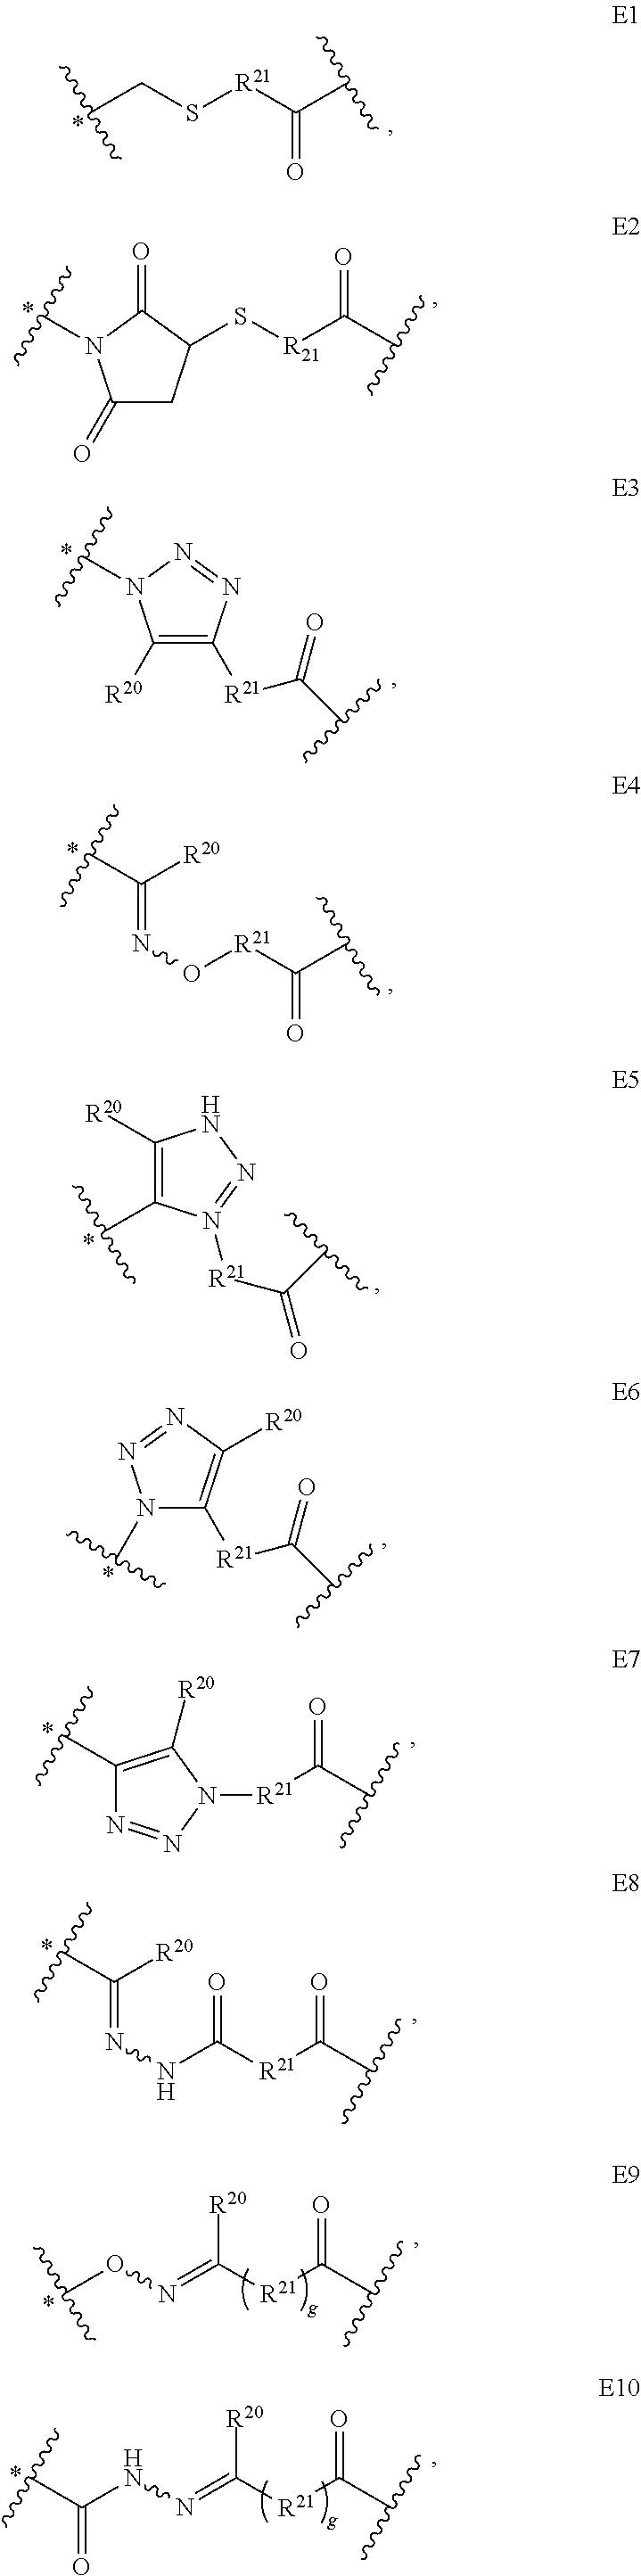 Figure US09764037-20170919-C00141